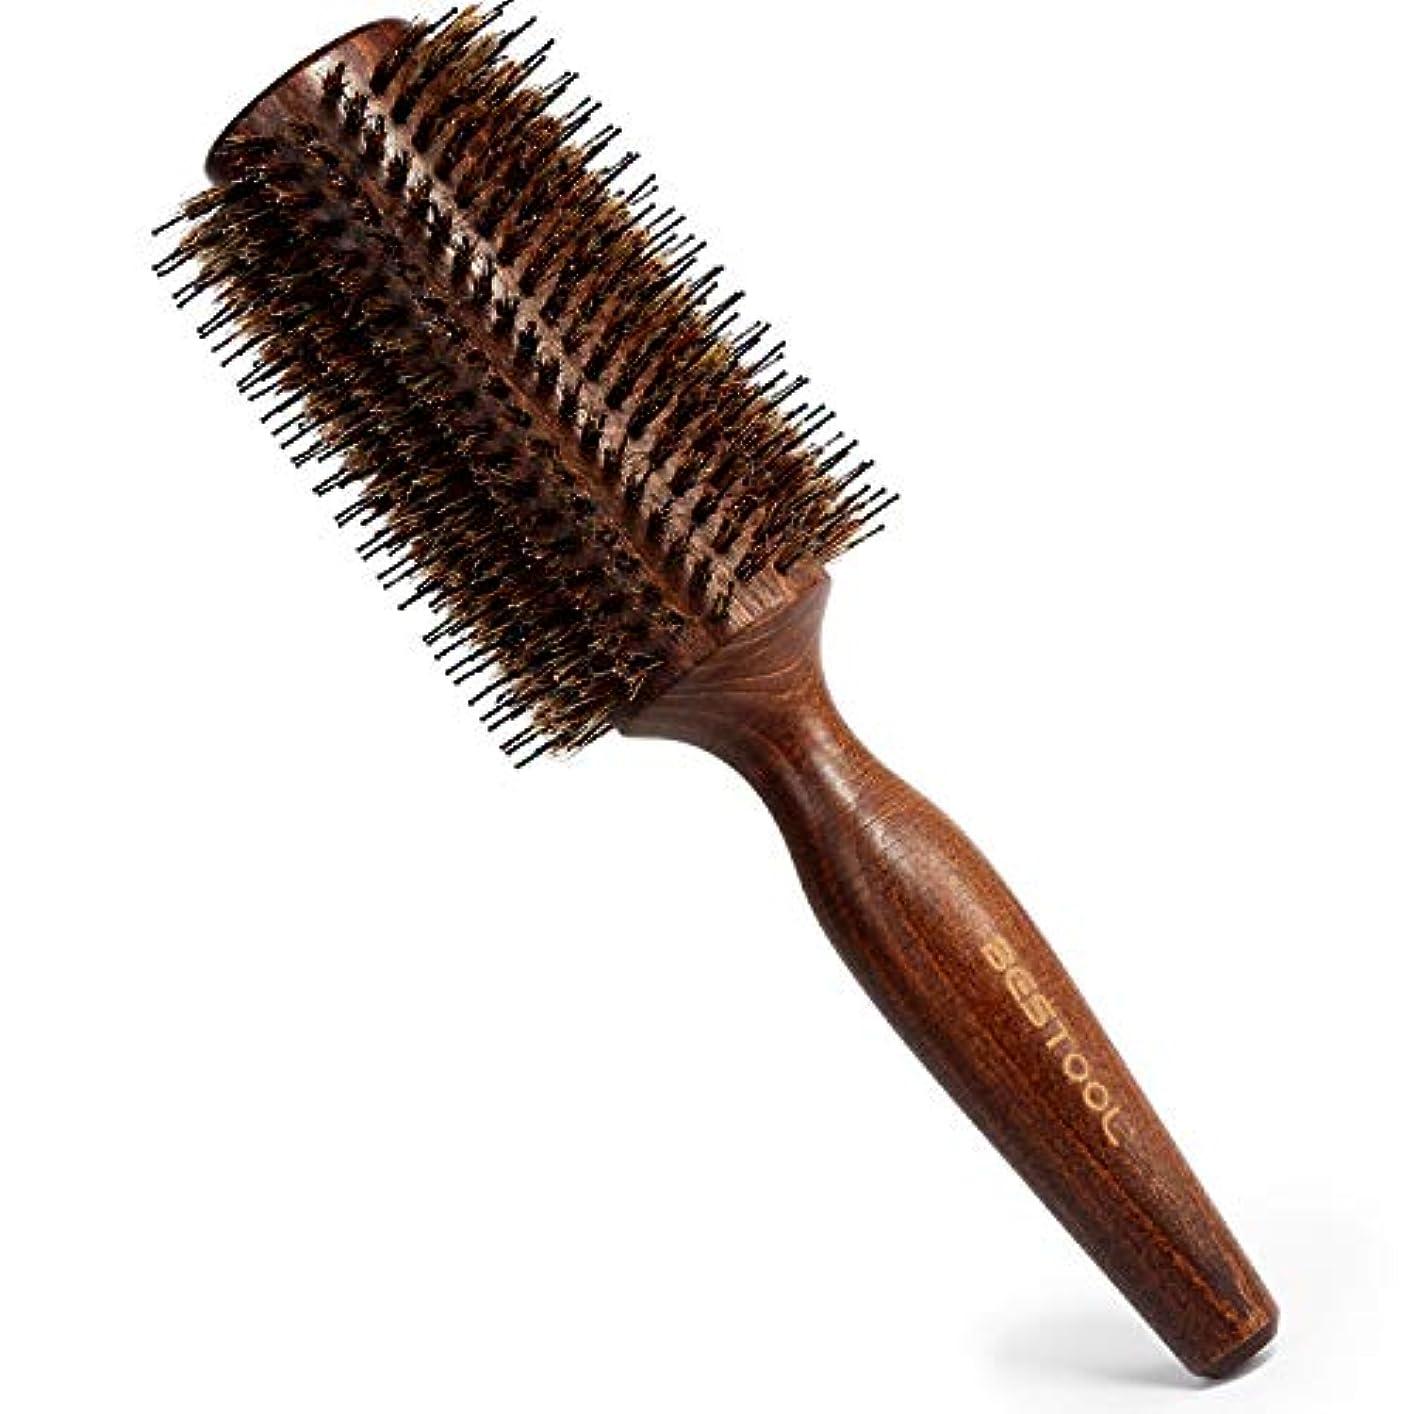 他にひも換気豚毛ヘアブラシ ロールブラシ Bestool ケヤキ製 髪をつやつやする ファッションヘアブラシ 新型タイプ 高級美容ヘアブラシ (L, ケヤキ)